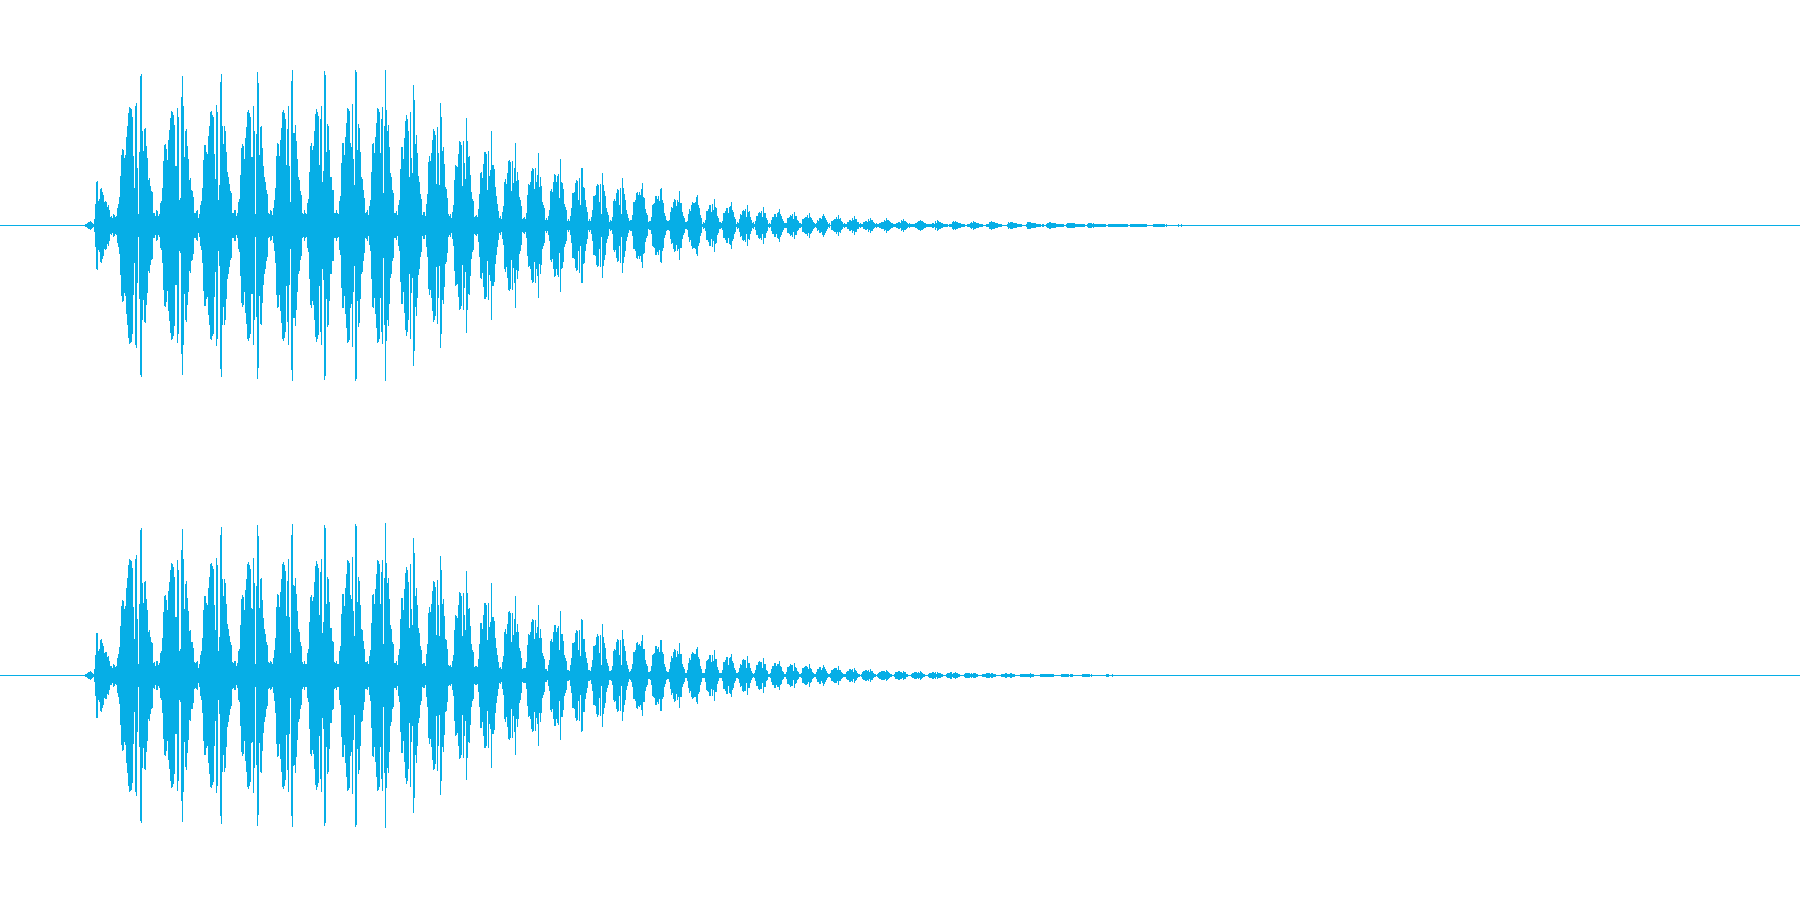 短く豚が鳴いているような音の再生済みの波形